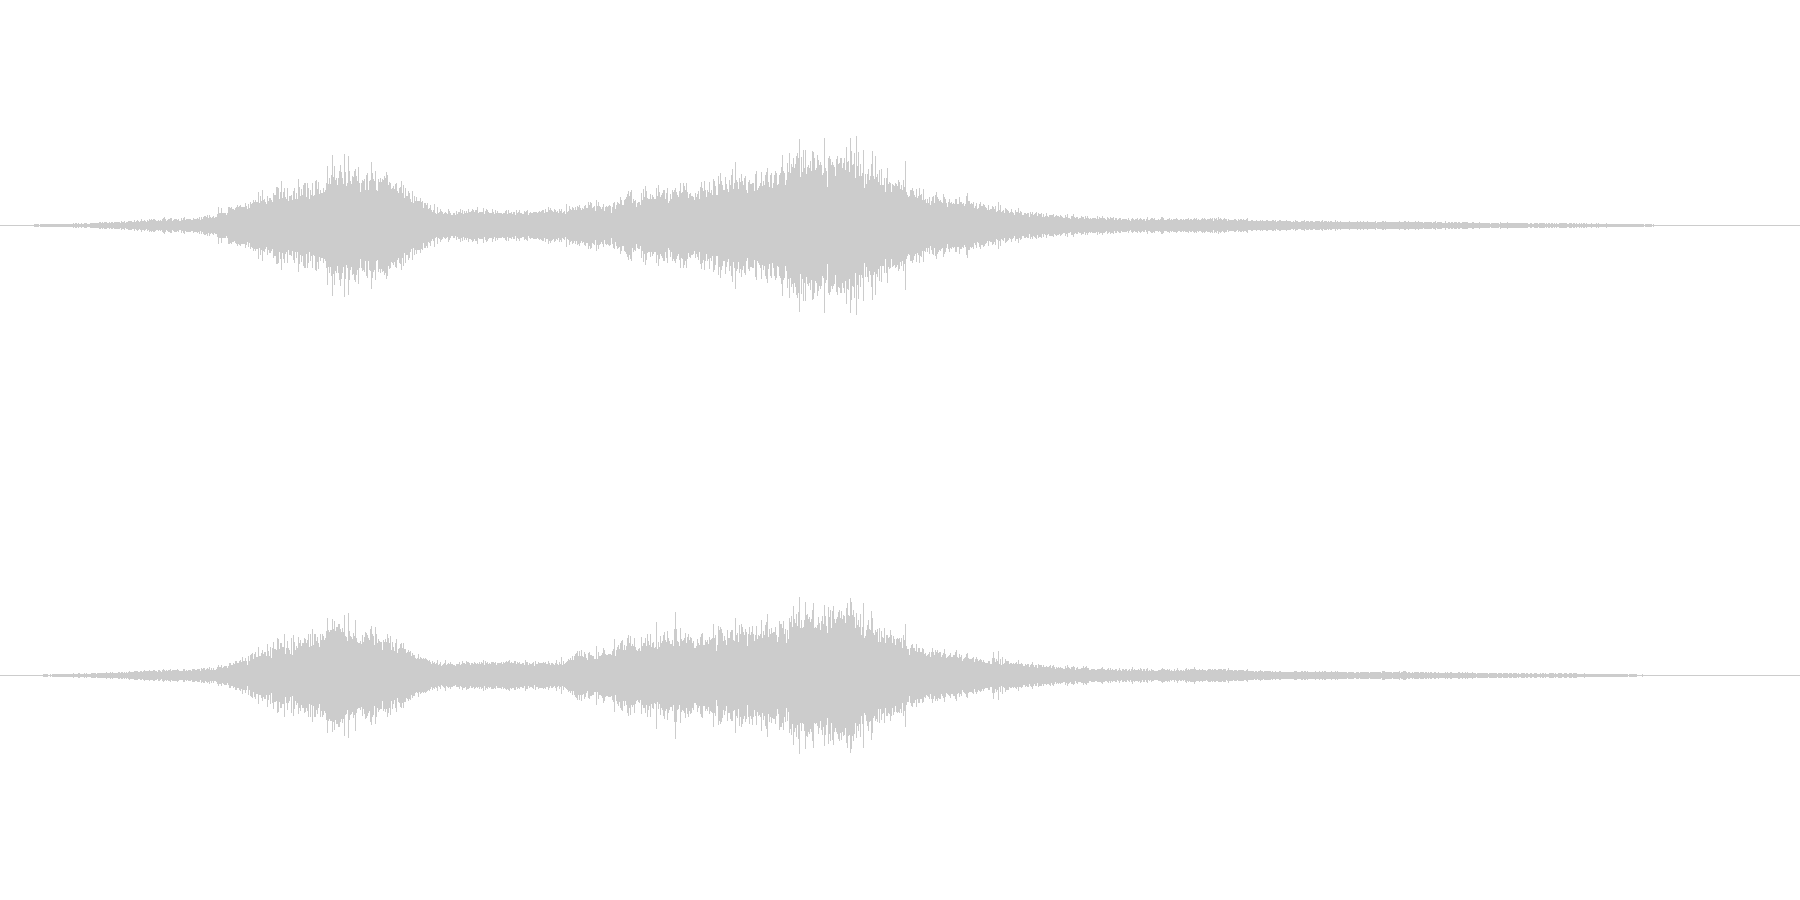 波の音(大波のイメージ)の未再生の波形